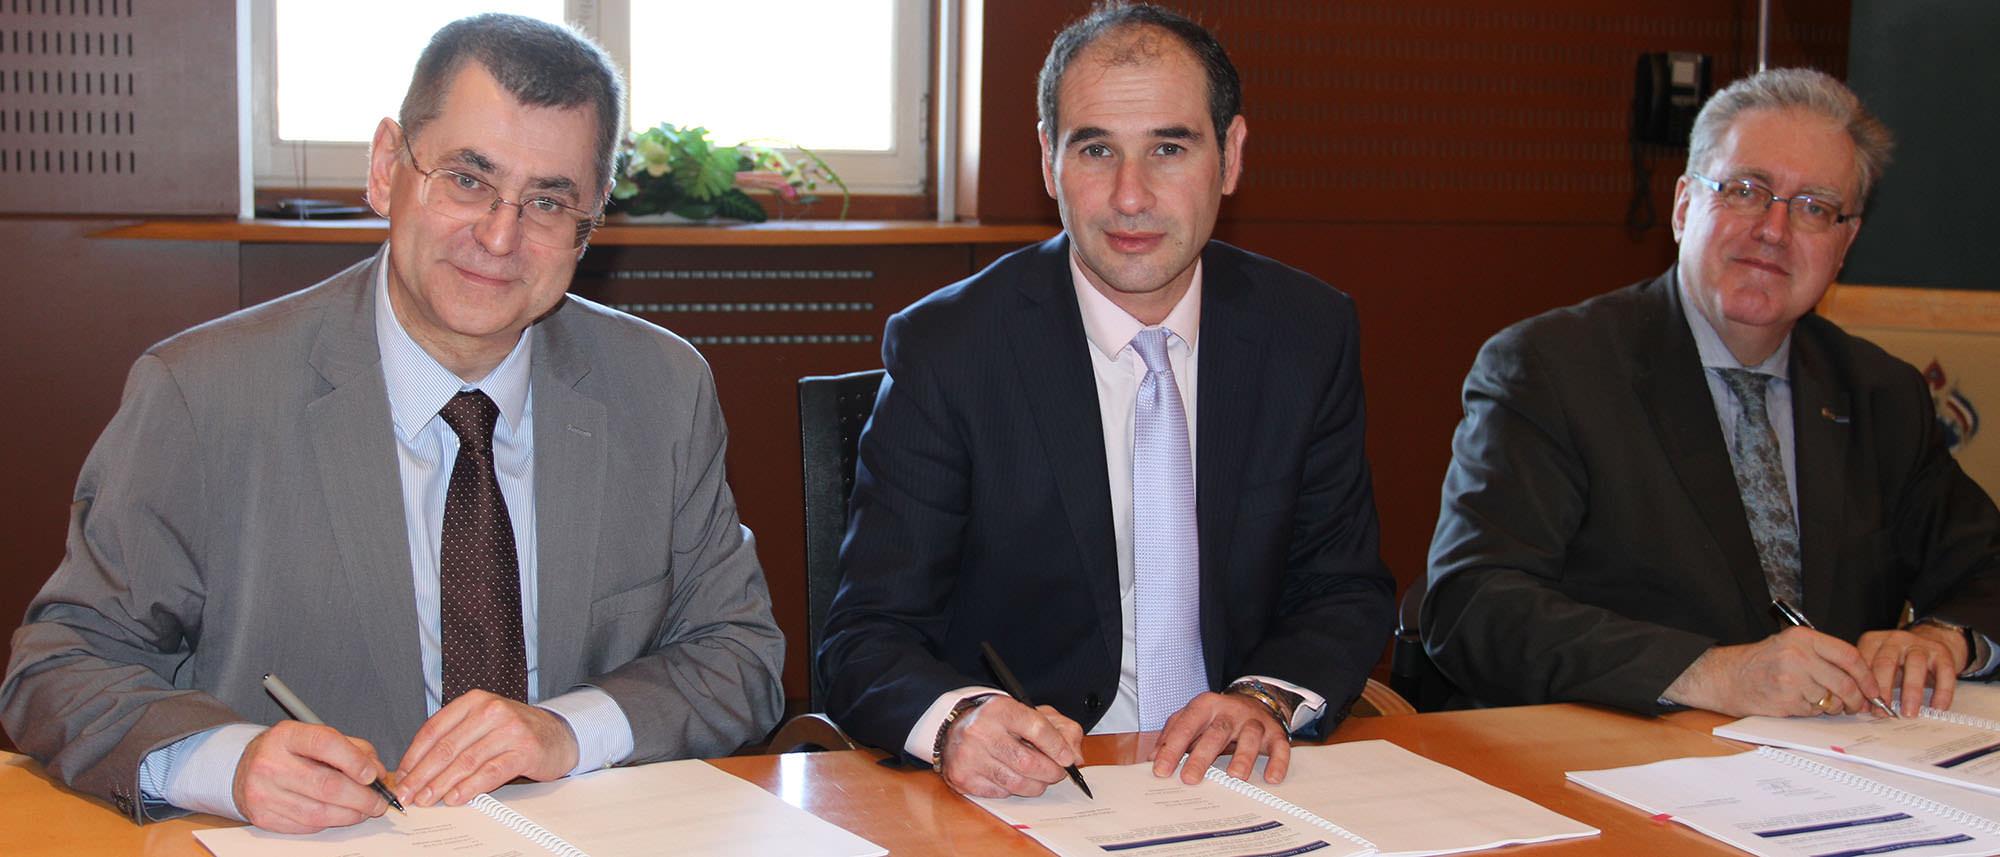 Signature d'une convention entre la CAF et Elbeuf